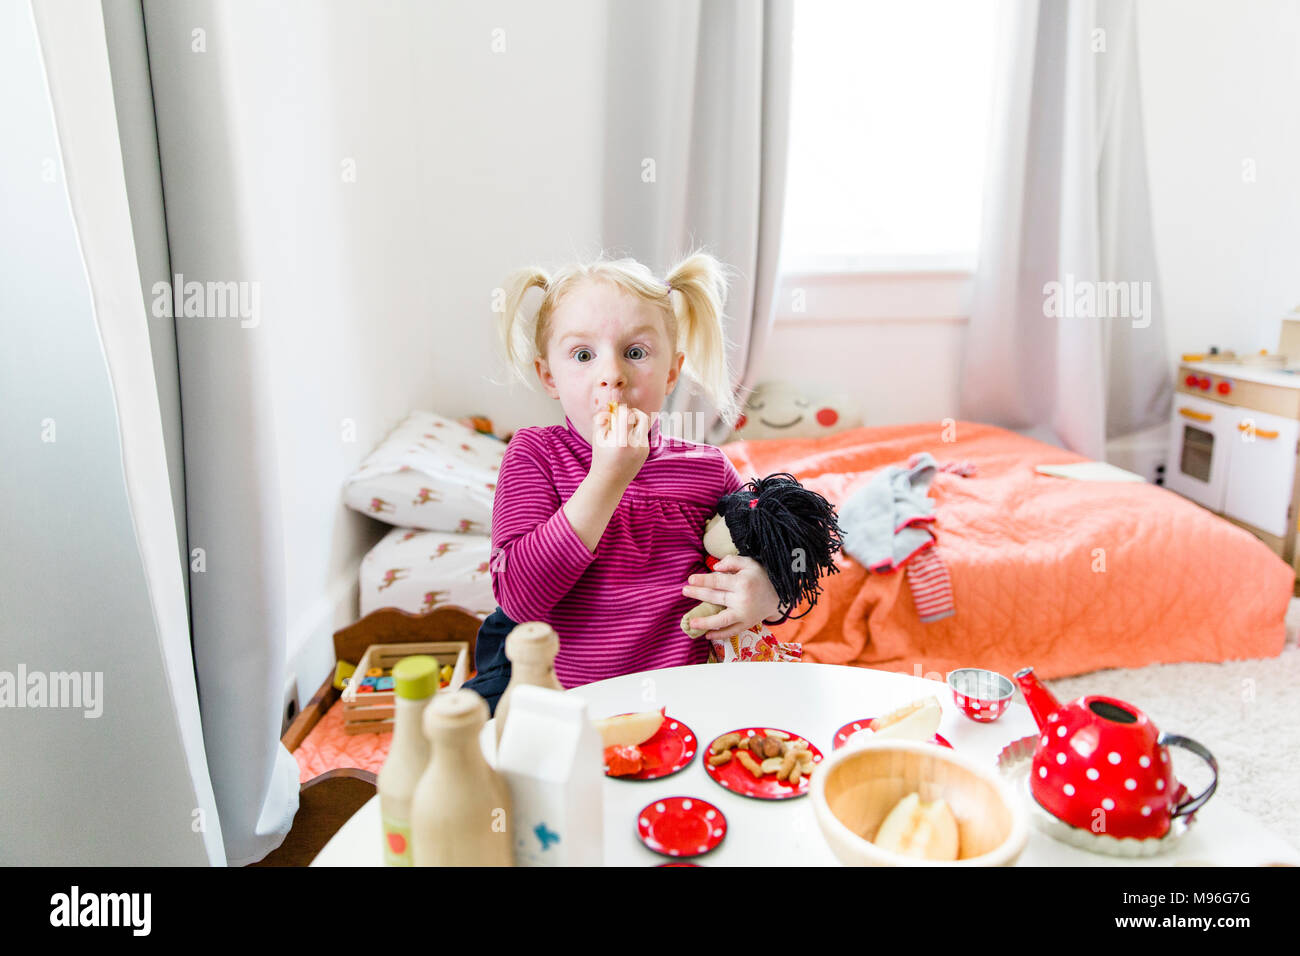 Ragazza seduta a tavola con bambola mangiare Immagini Stock